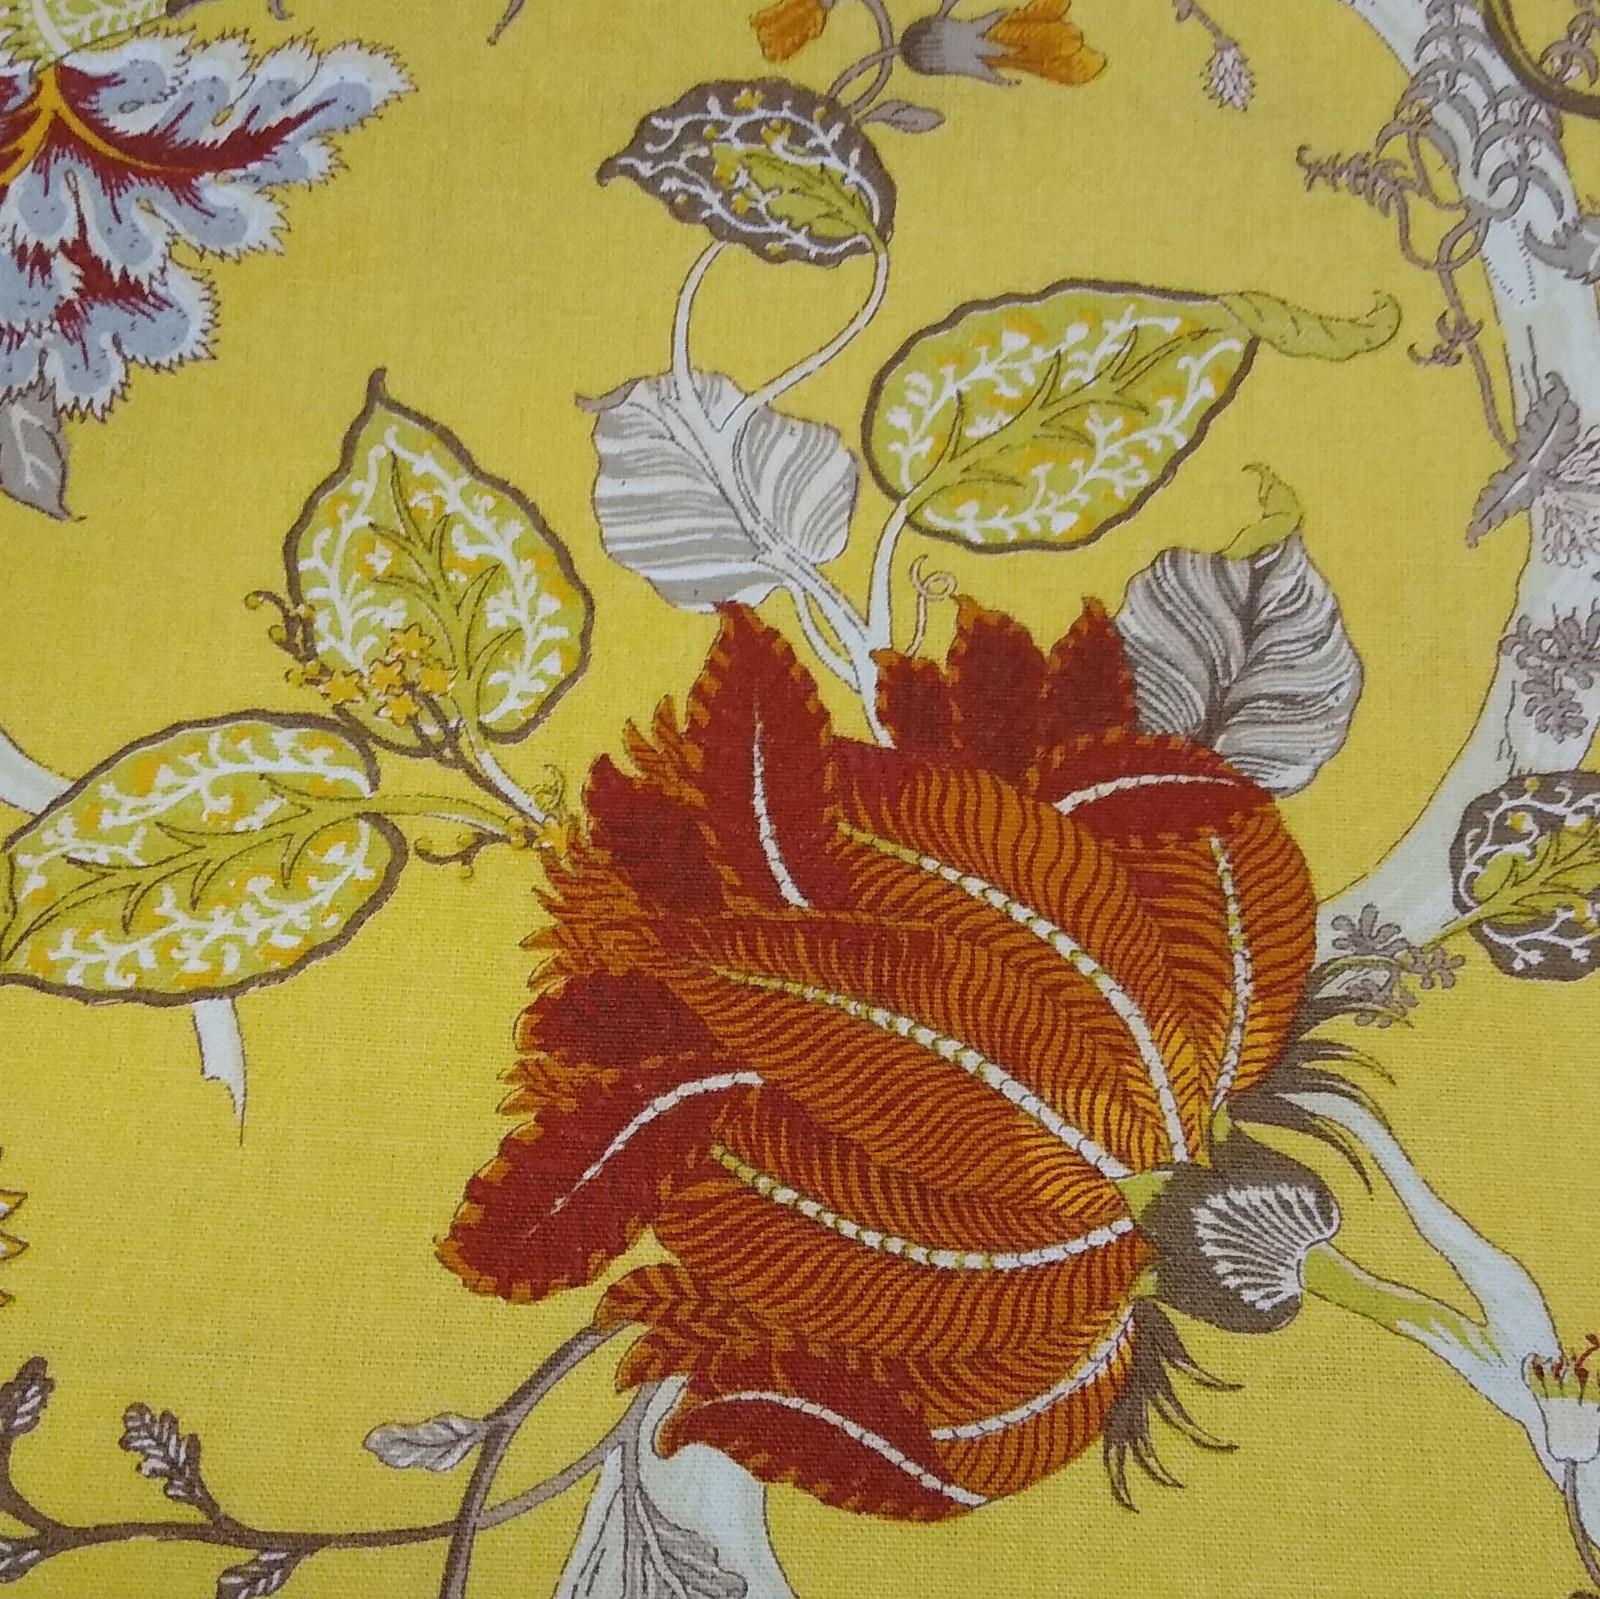 Canvas Blumen, 100% Baumwolle, 140cm breit, 0.5m 8.25€